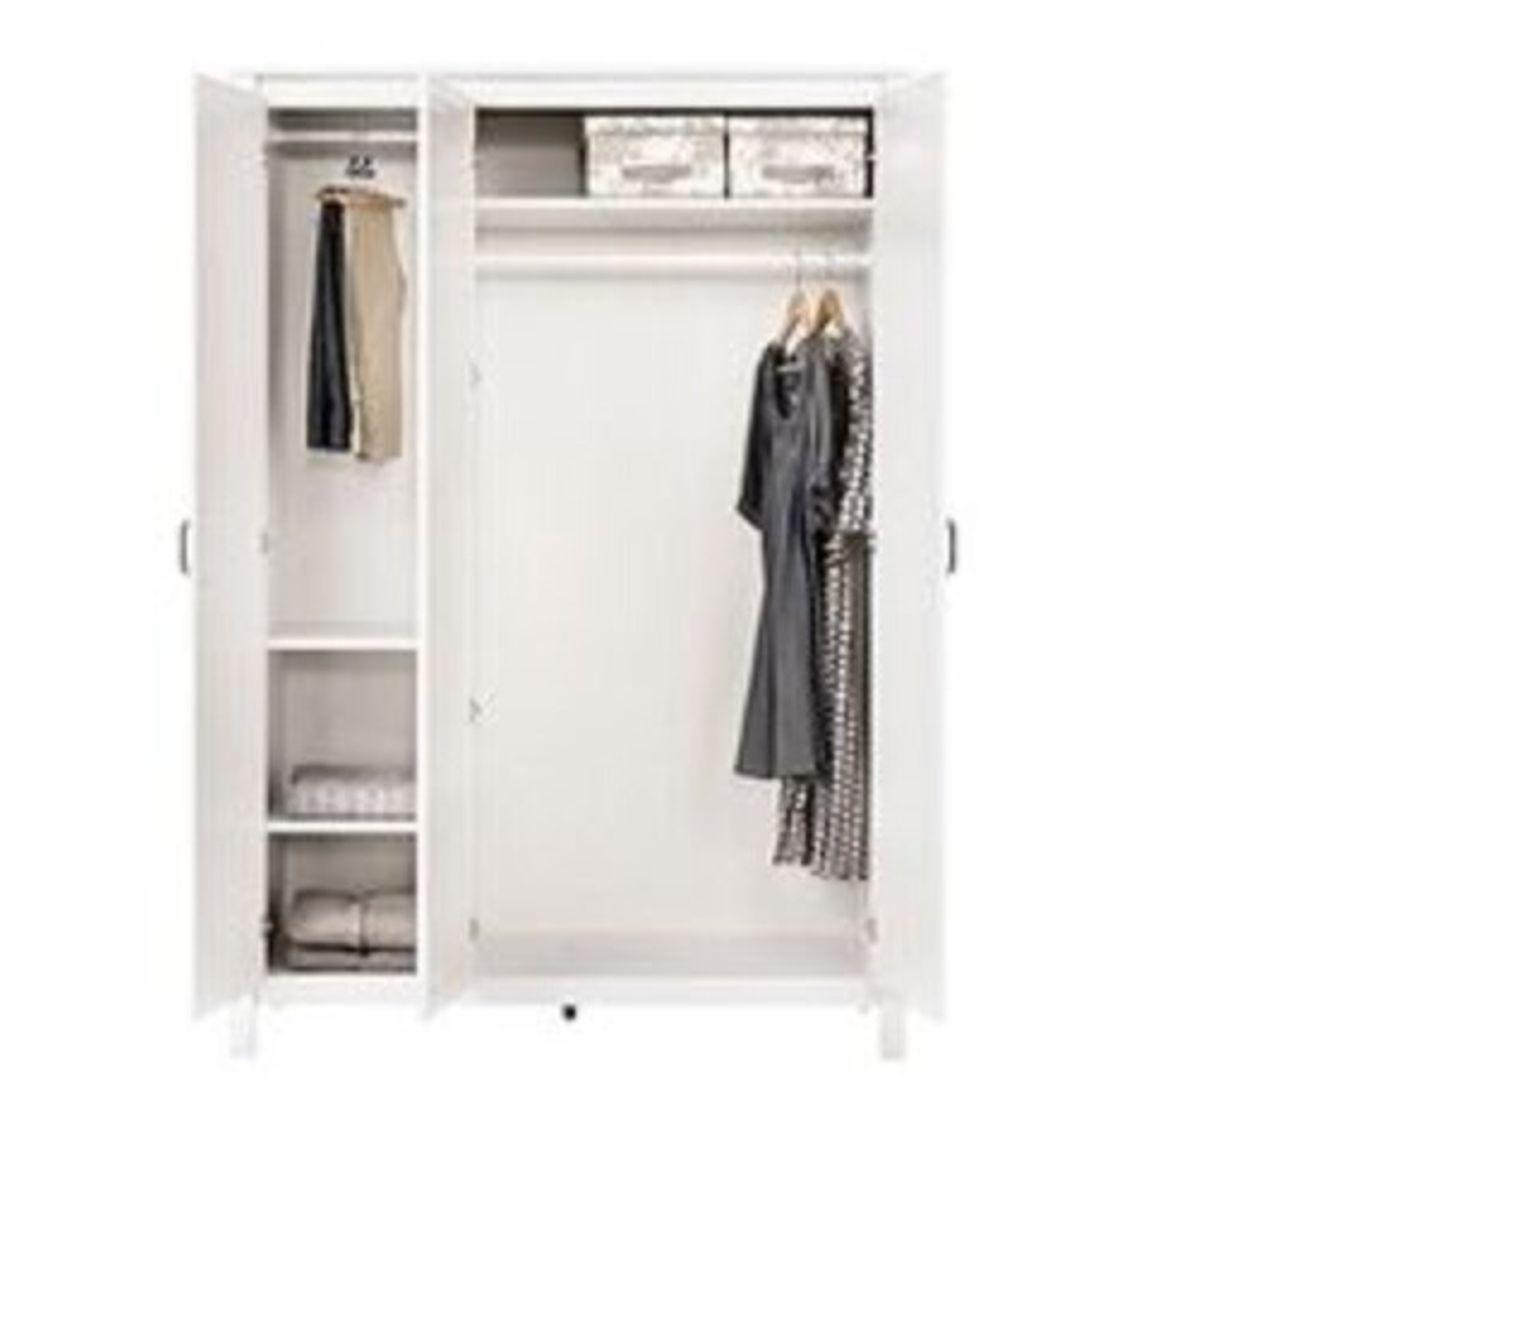 Ikea Brusali Schrank Mit Spiegel Haus Dekoration In 2020 Schrank Mit Spiegel Schrank Weisser Schrank